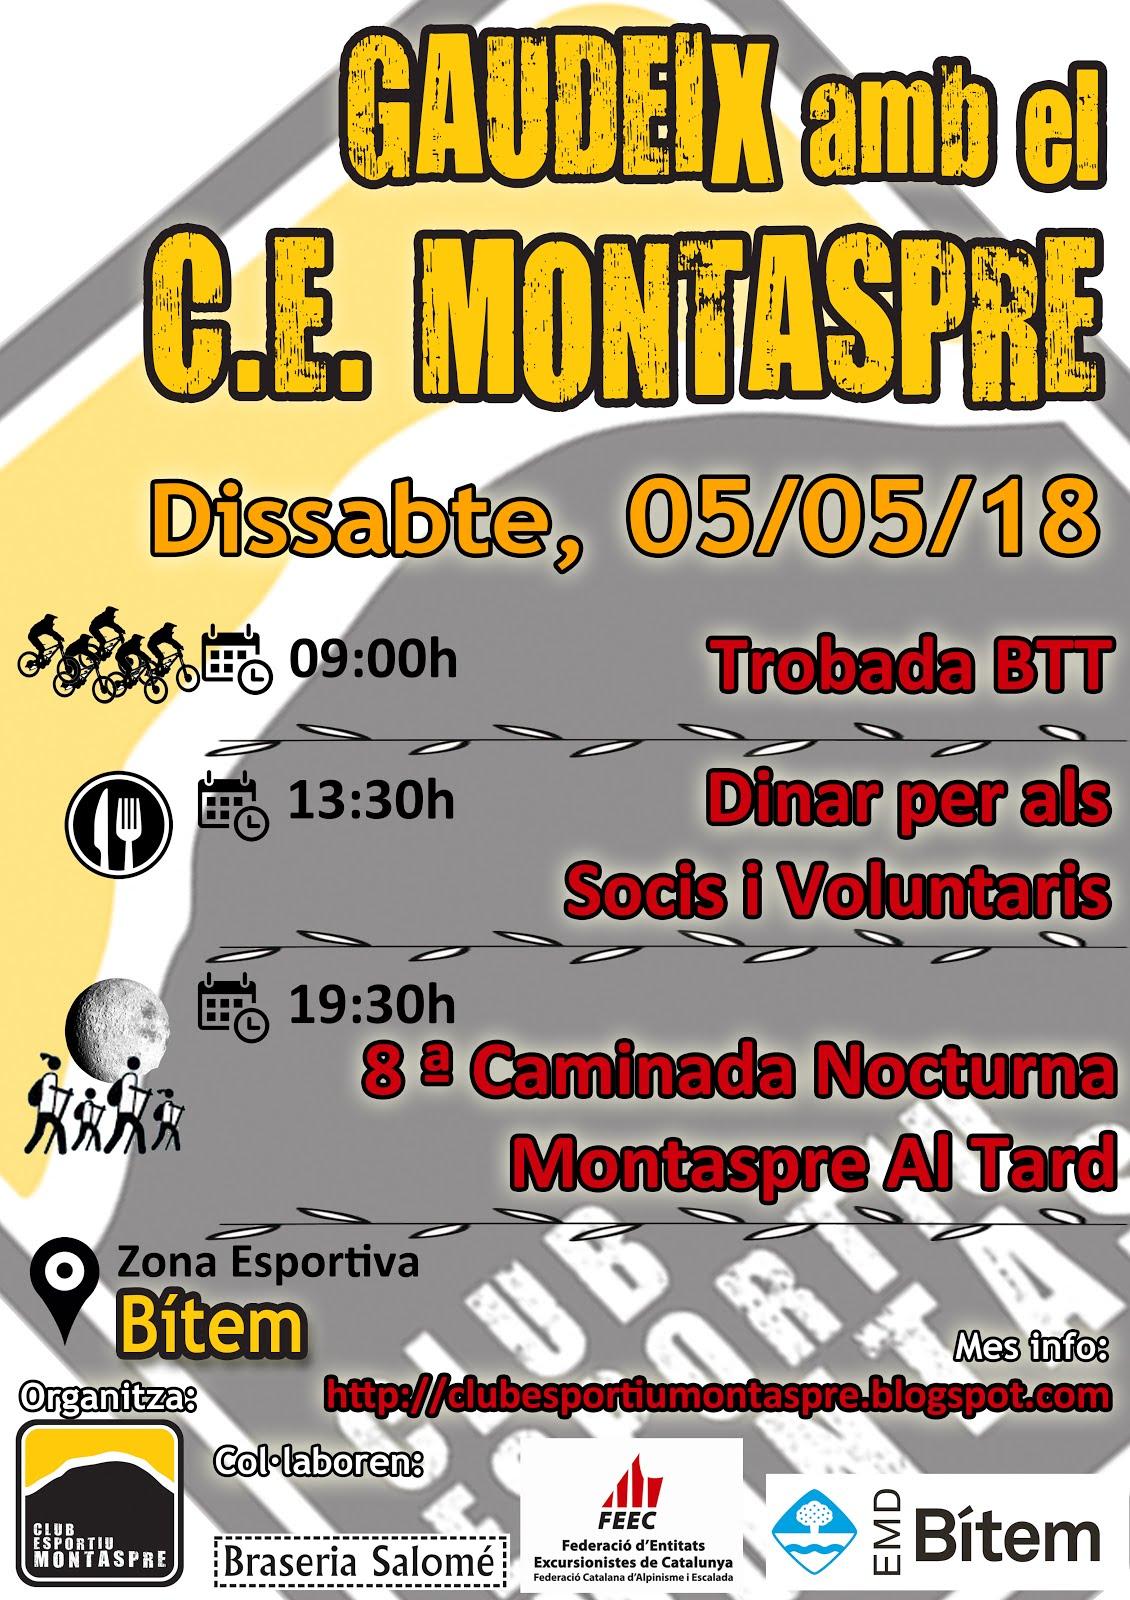 5 maig 2018 BTT + FESTA+MONTASPRE al TARD